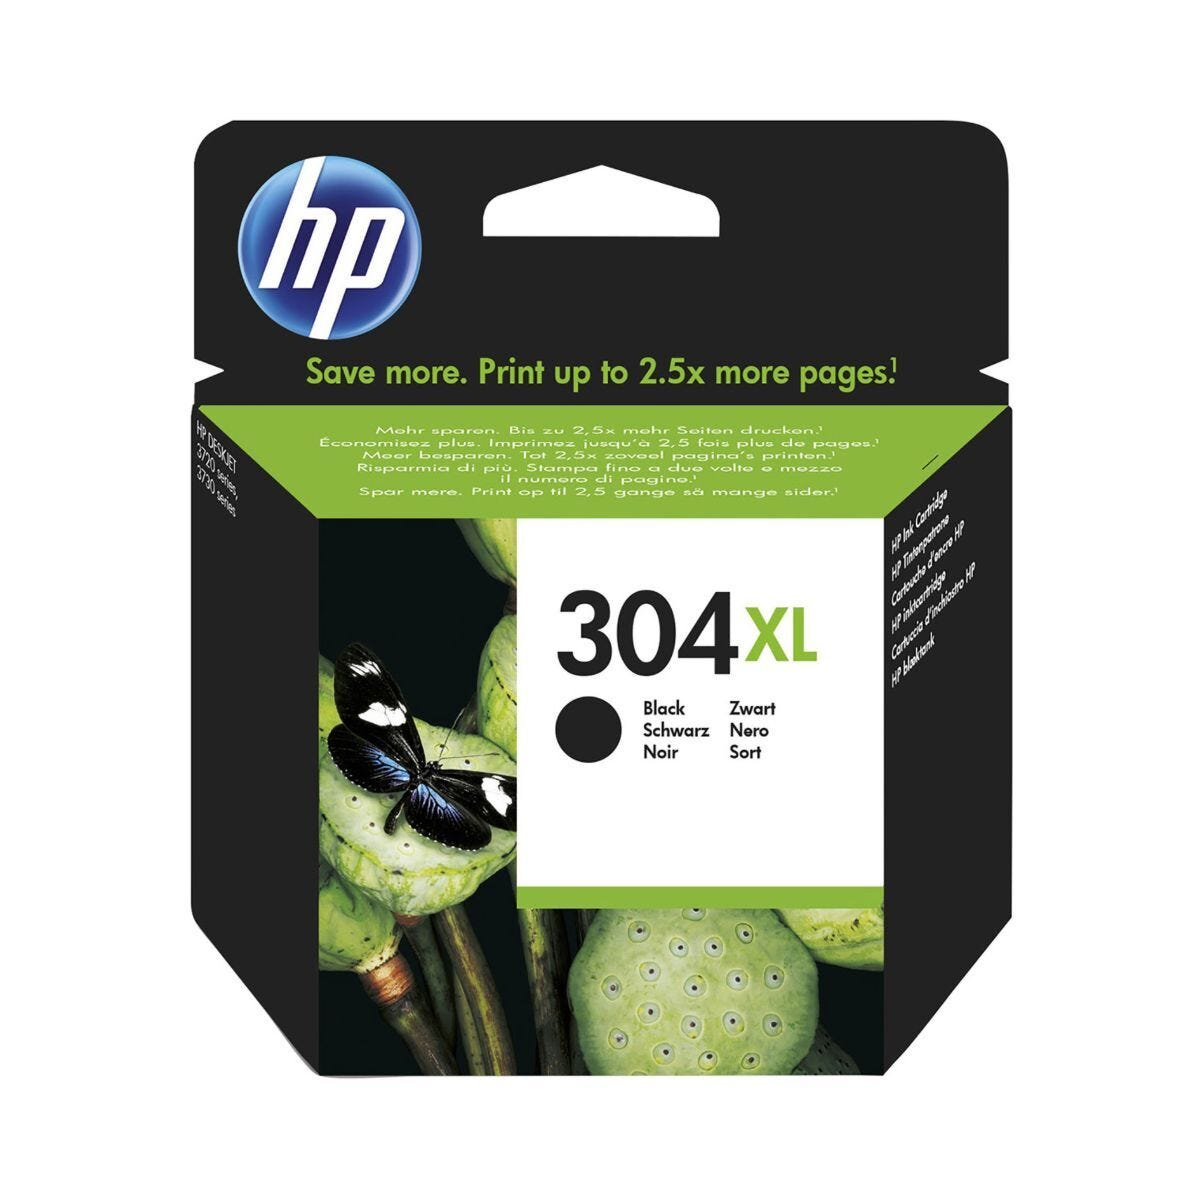 HP 304XL Ink Cartridge Black